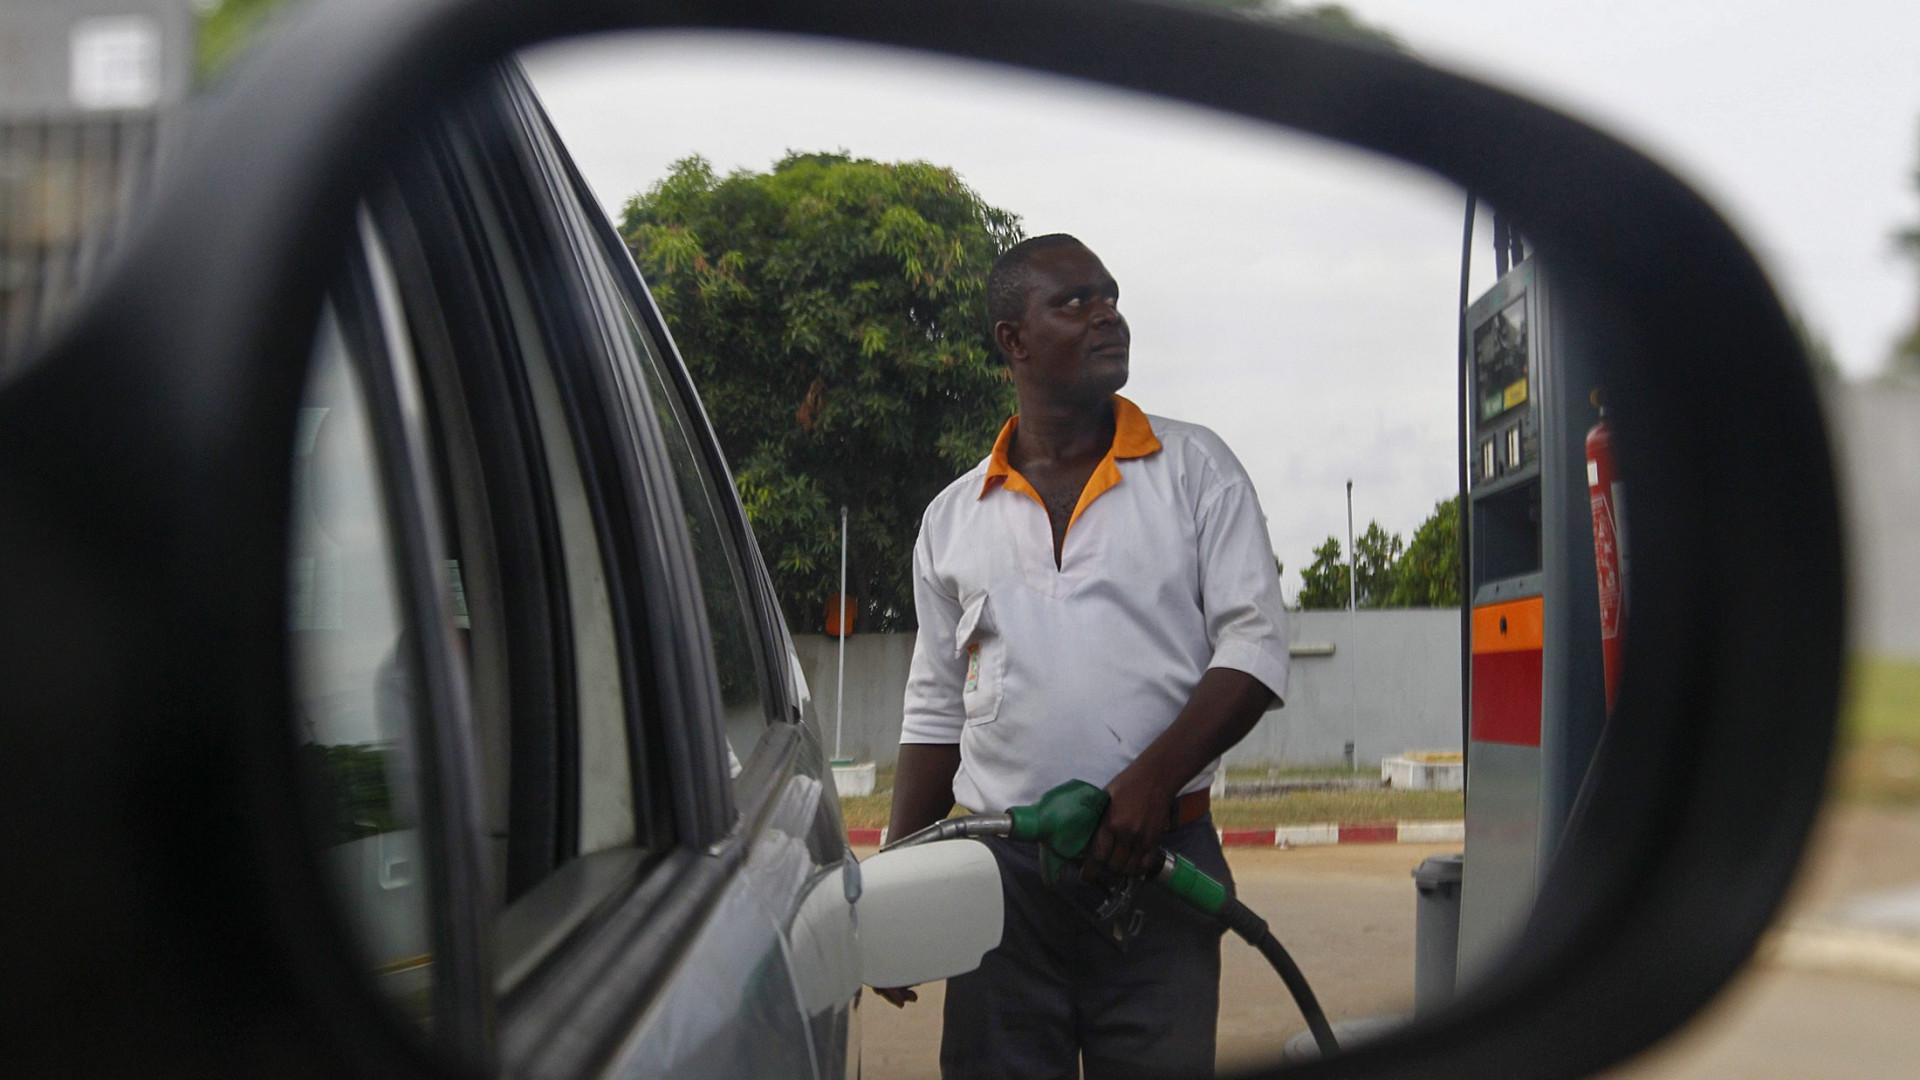 Angola avalia possibilidade de aumento do preço dos combustíveis